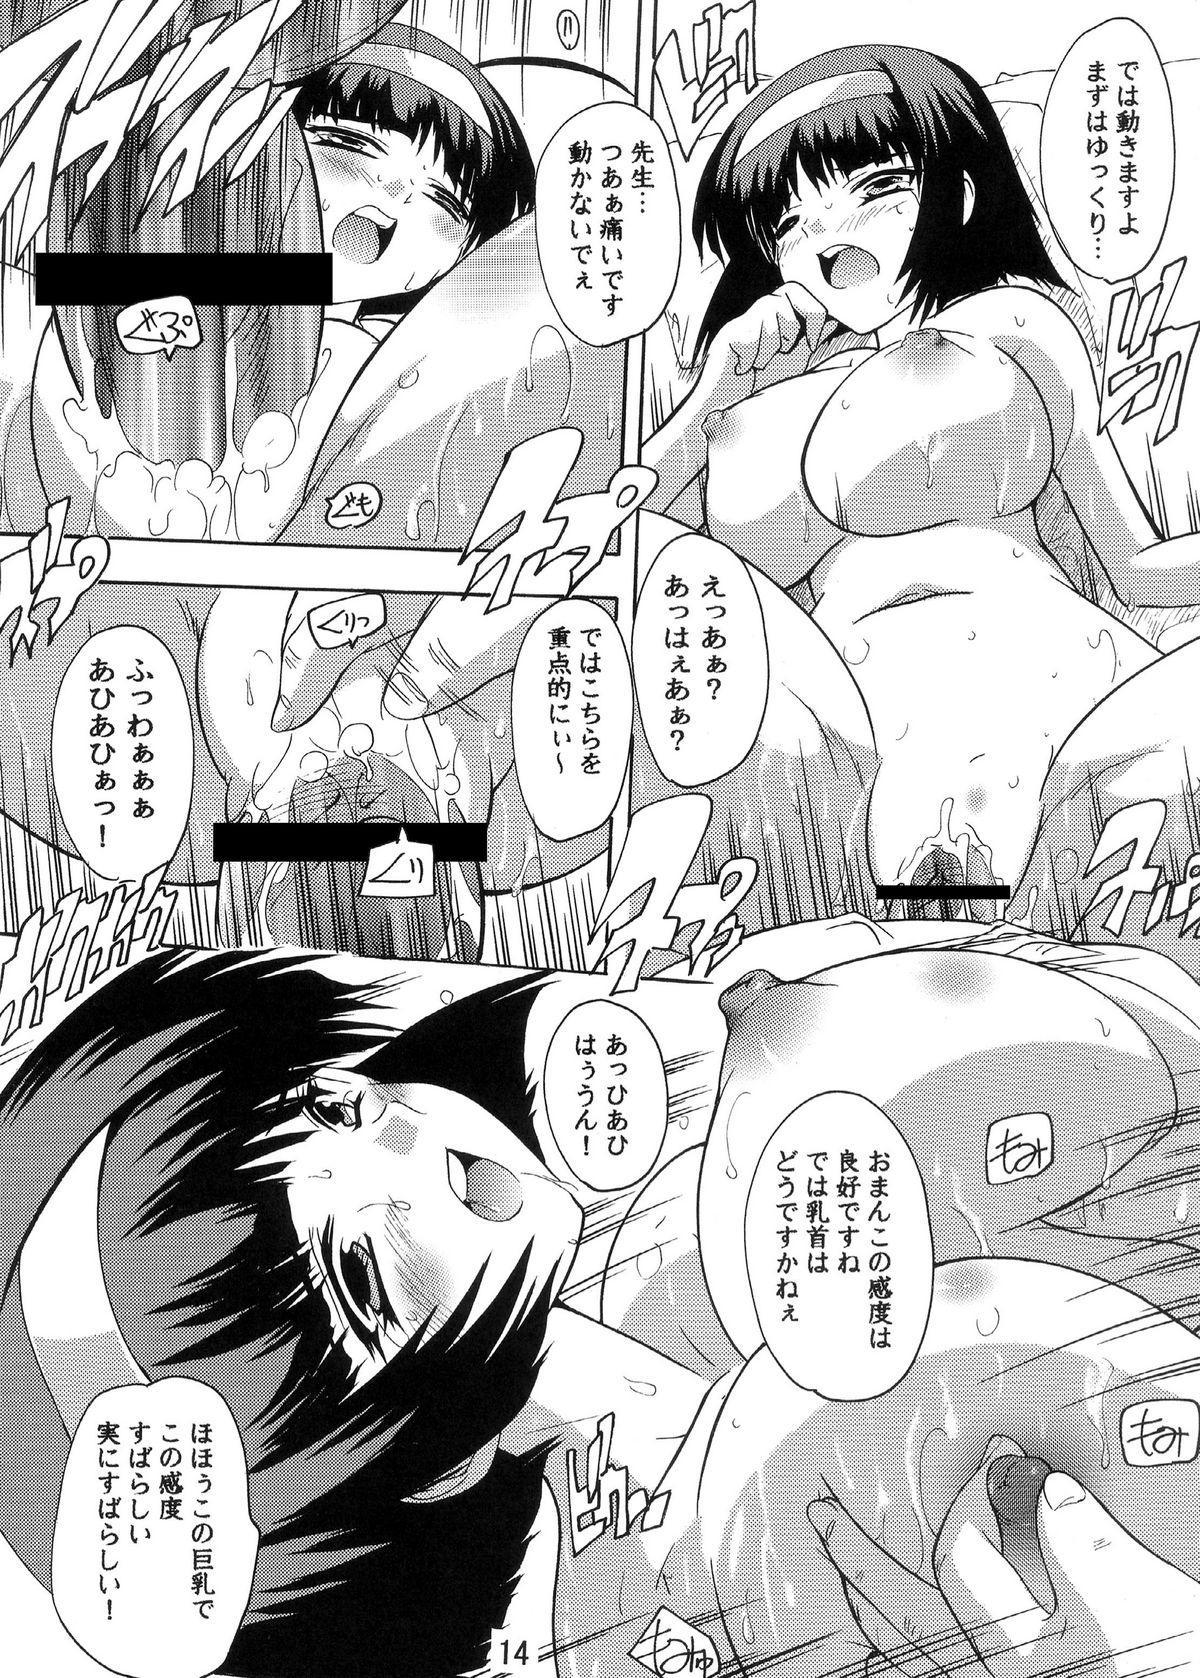 【110】 Aoi chan Hokenshitsu de Kikiippatsu! 12